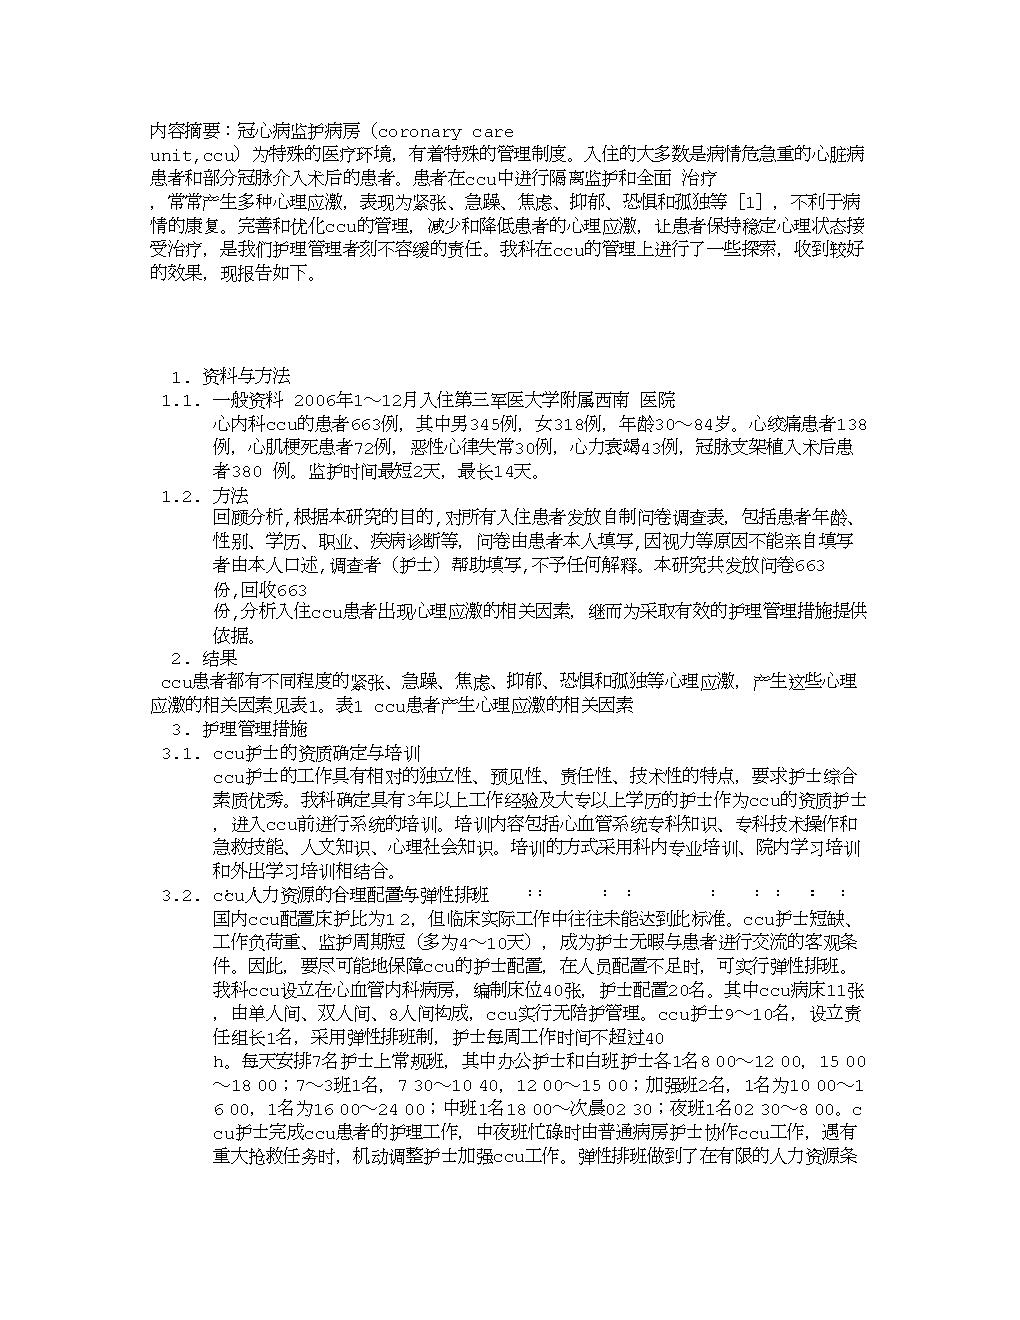 CCU患者的心理应激与护理管理.doc